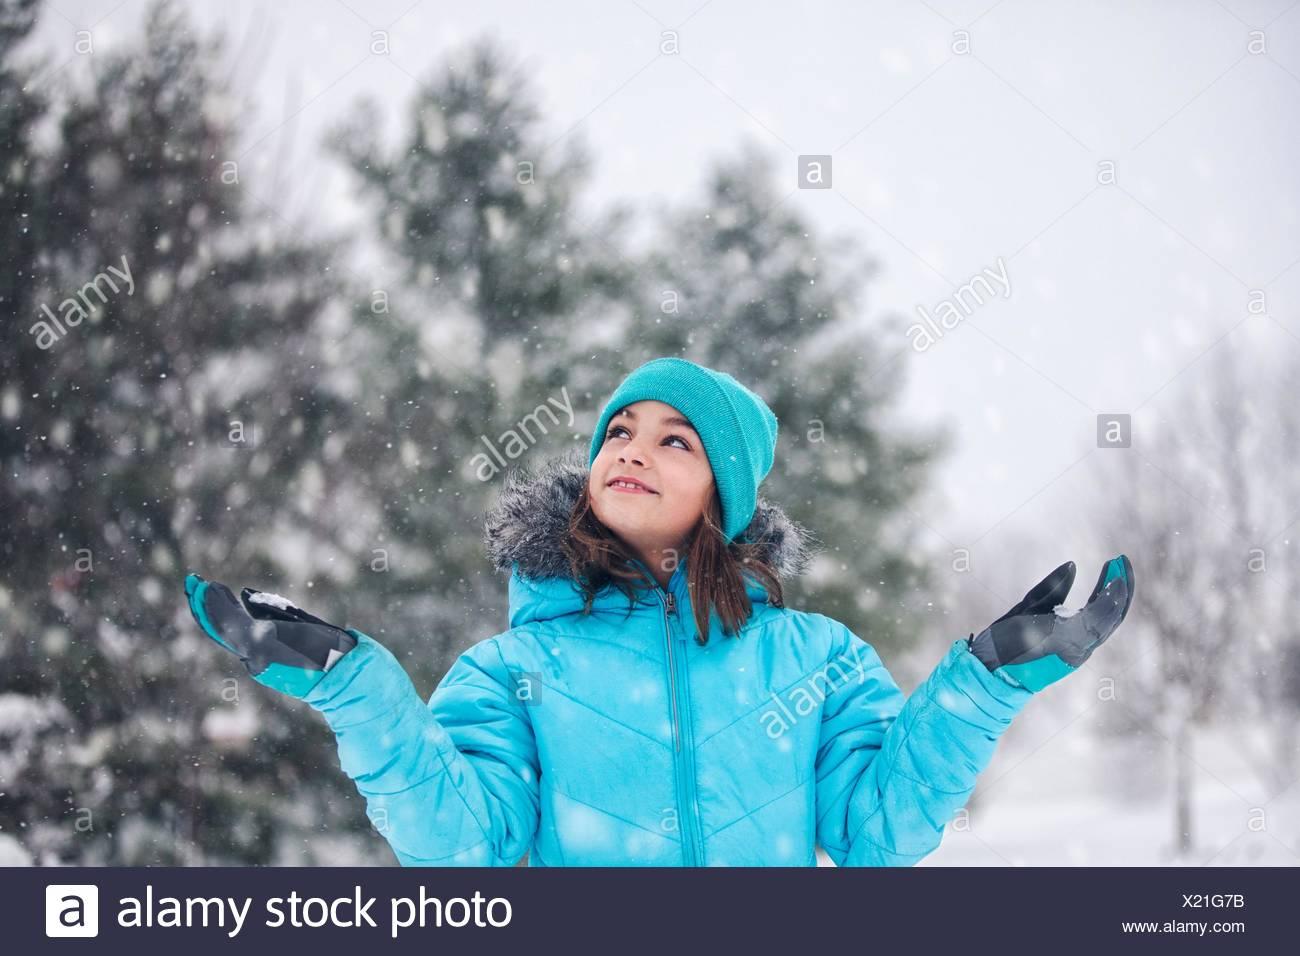 Vestida de turquesa tejer sombrero y abrigo, brazos levantados, manos atrapando nieve, mirando sonriente Imagen De Stock